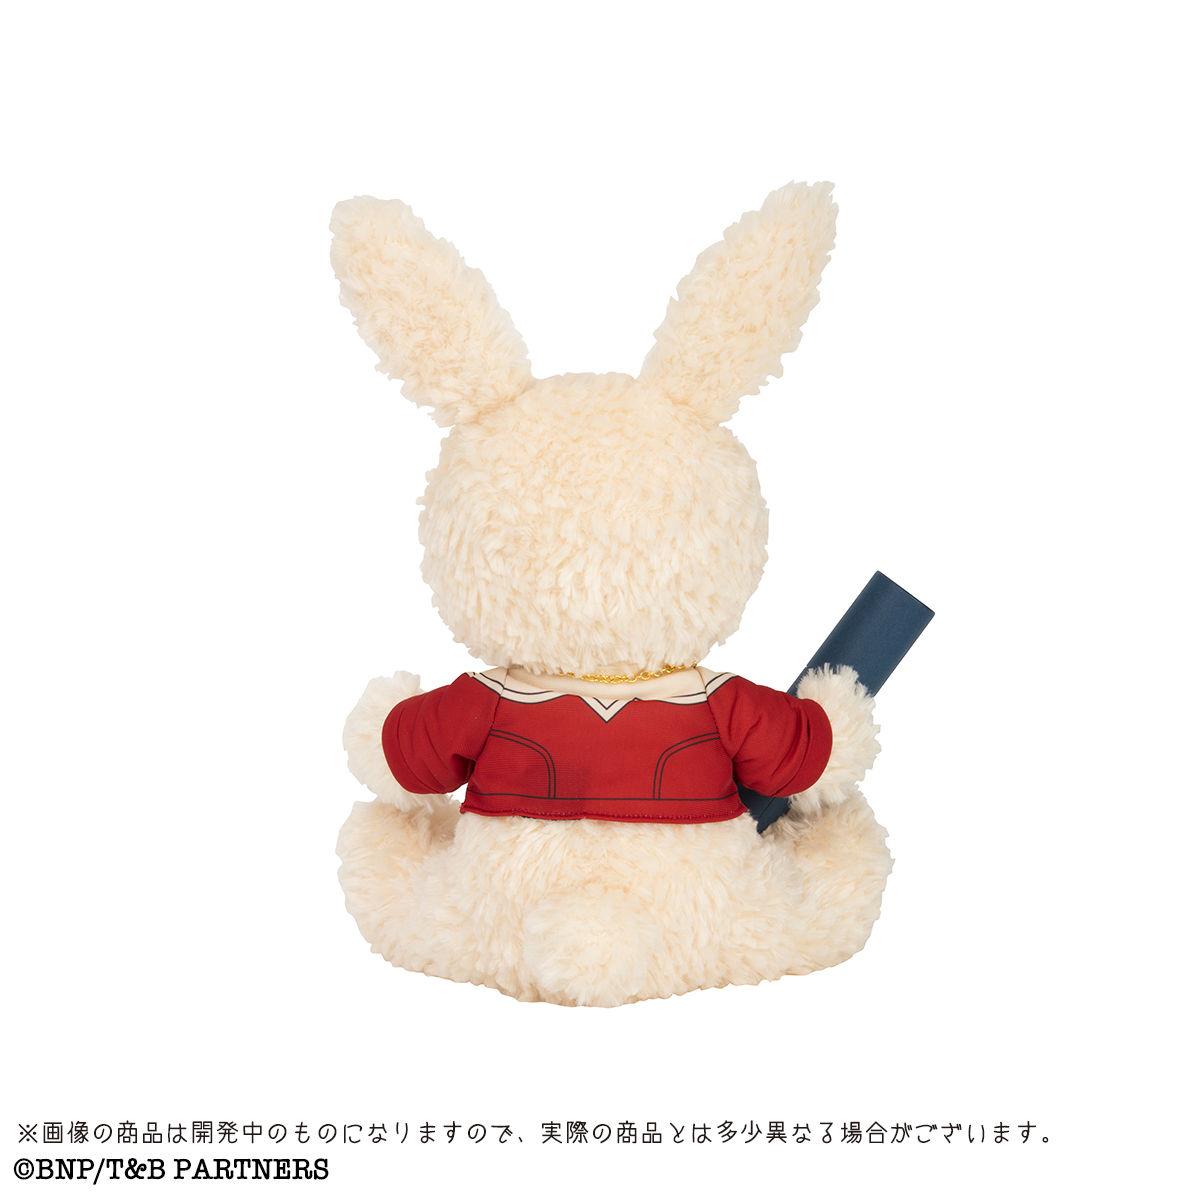 【限定販売】タイバニ『グリーティングレター with TIGER & BUNNY』TIGER & BUNNY ぬいぐるみ-006